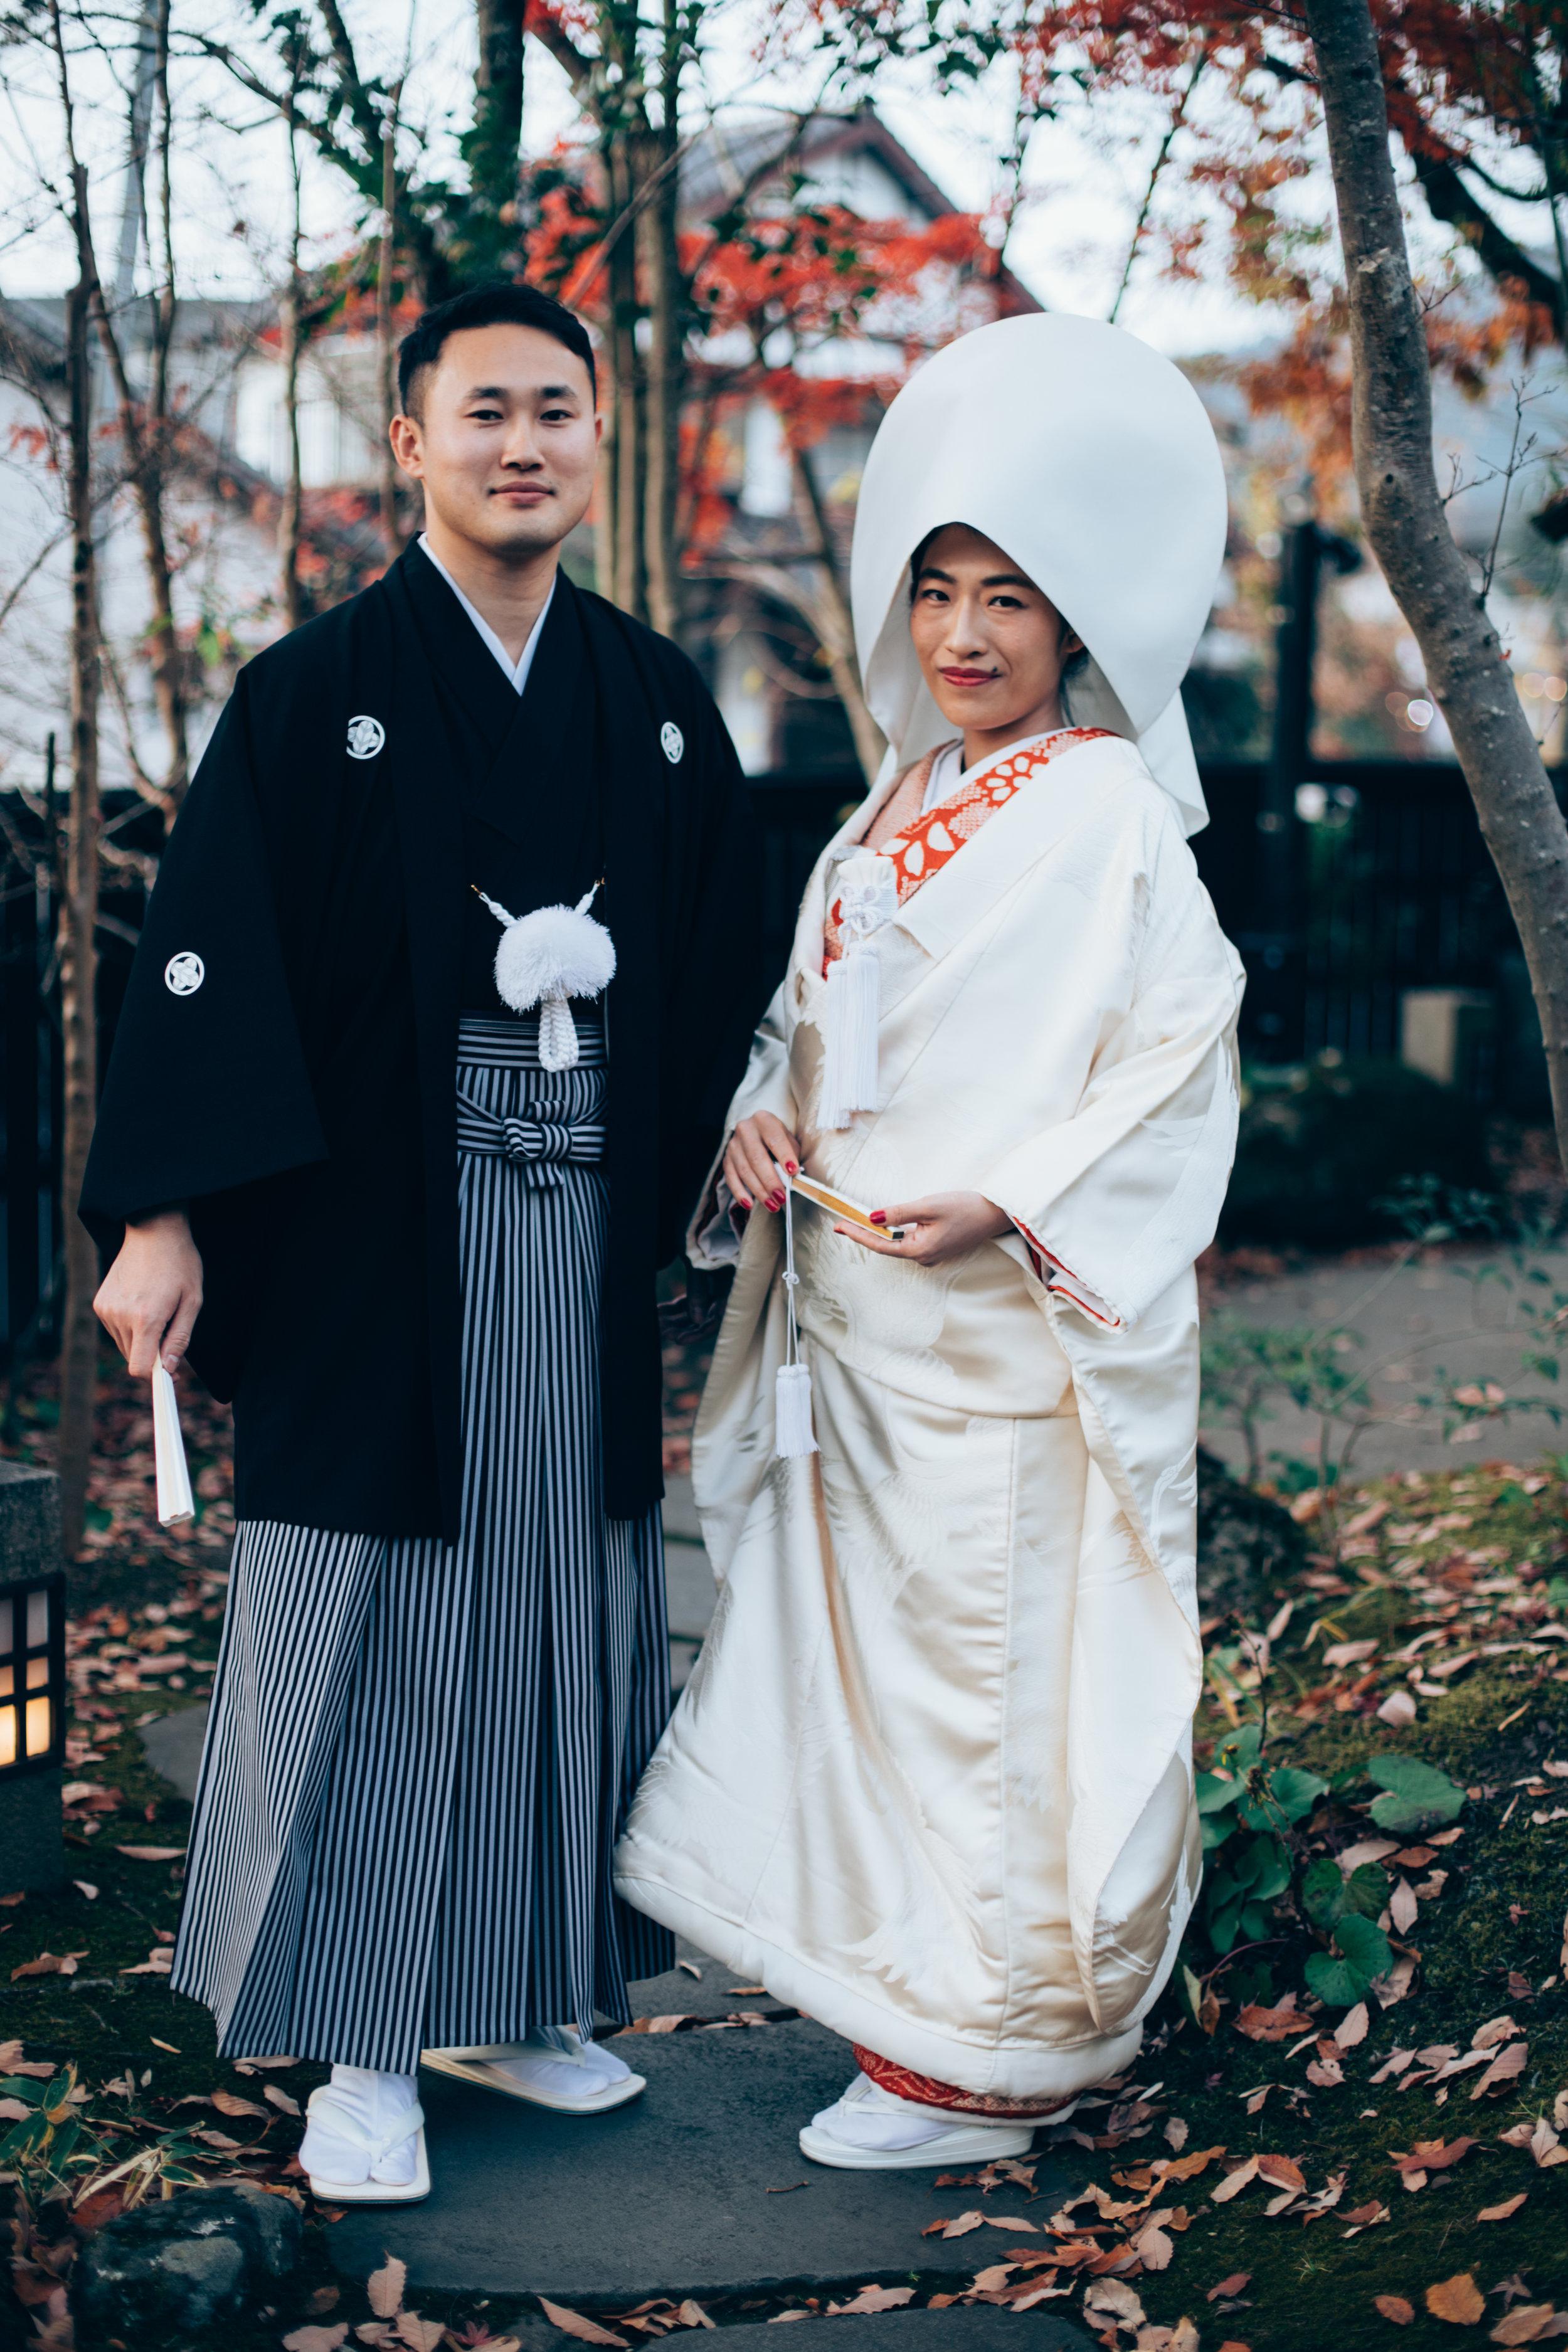 Nanami_Zack_Wedding_Japan-32.jpg